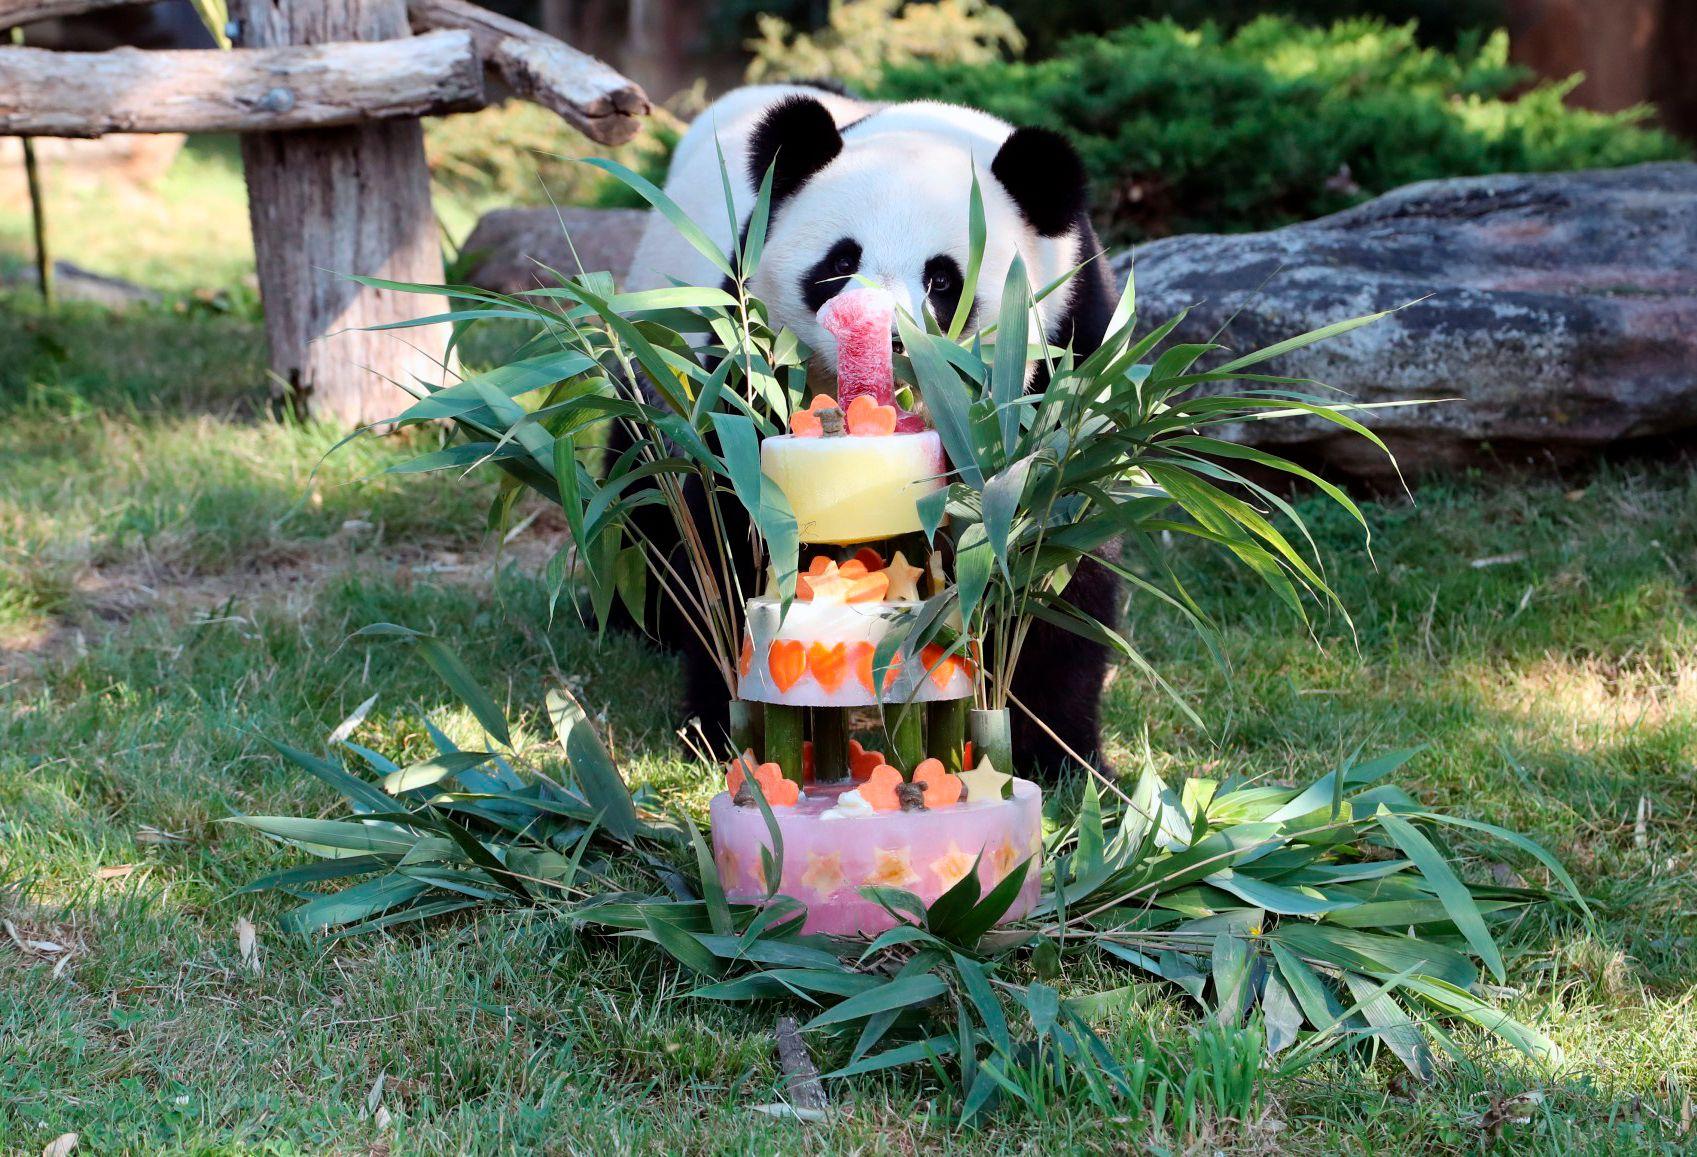 BURSDAGSBJØRN: Pandababyen Yuang Meng fylte ett år i ZooParc de Beauval i Frankrike lørdag.